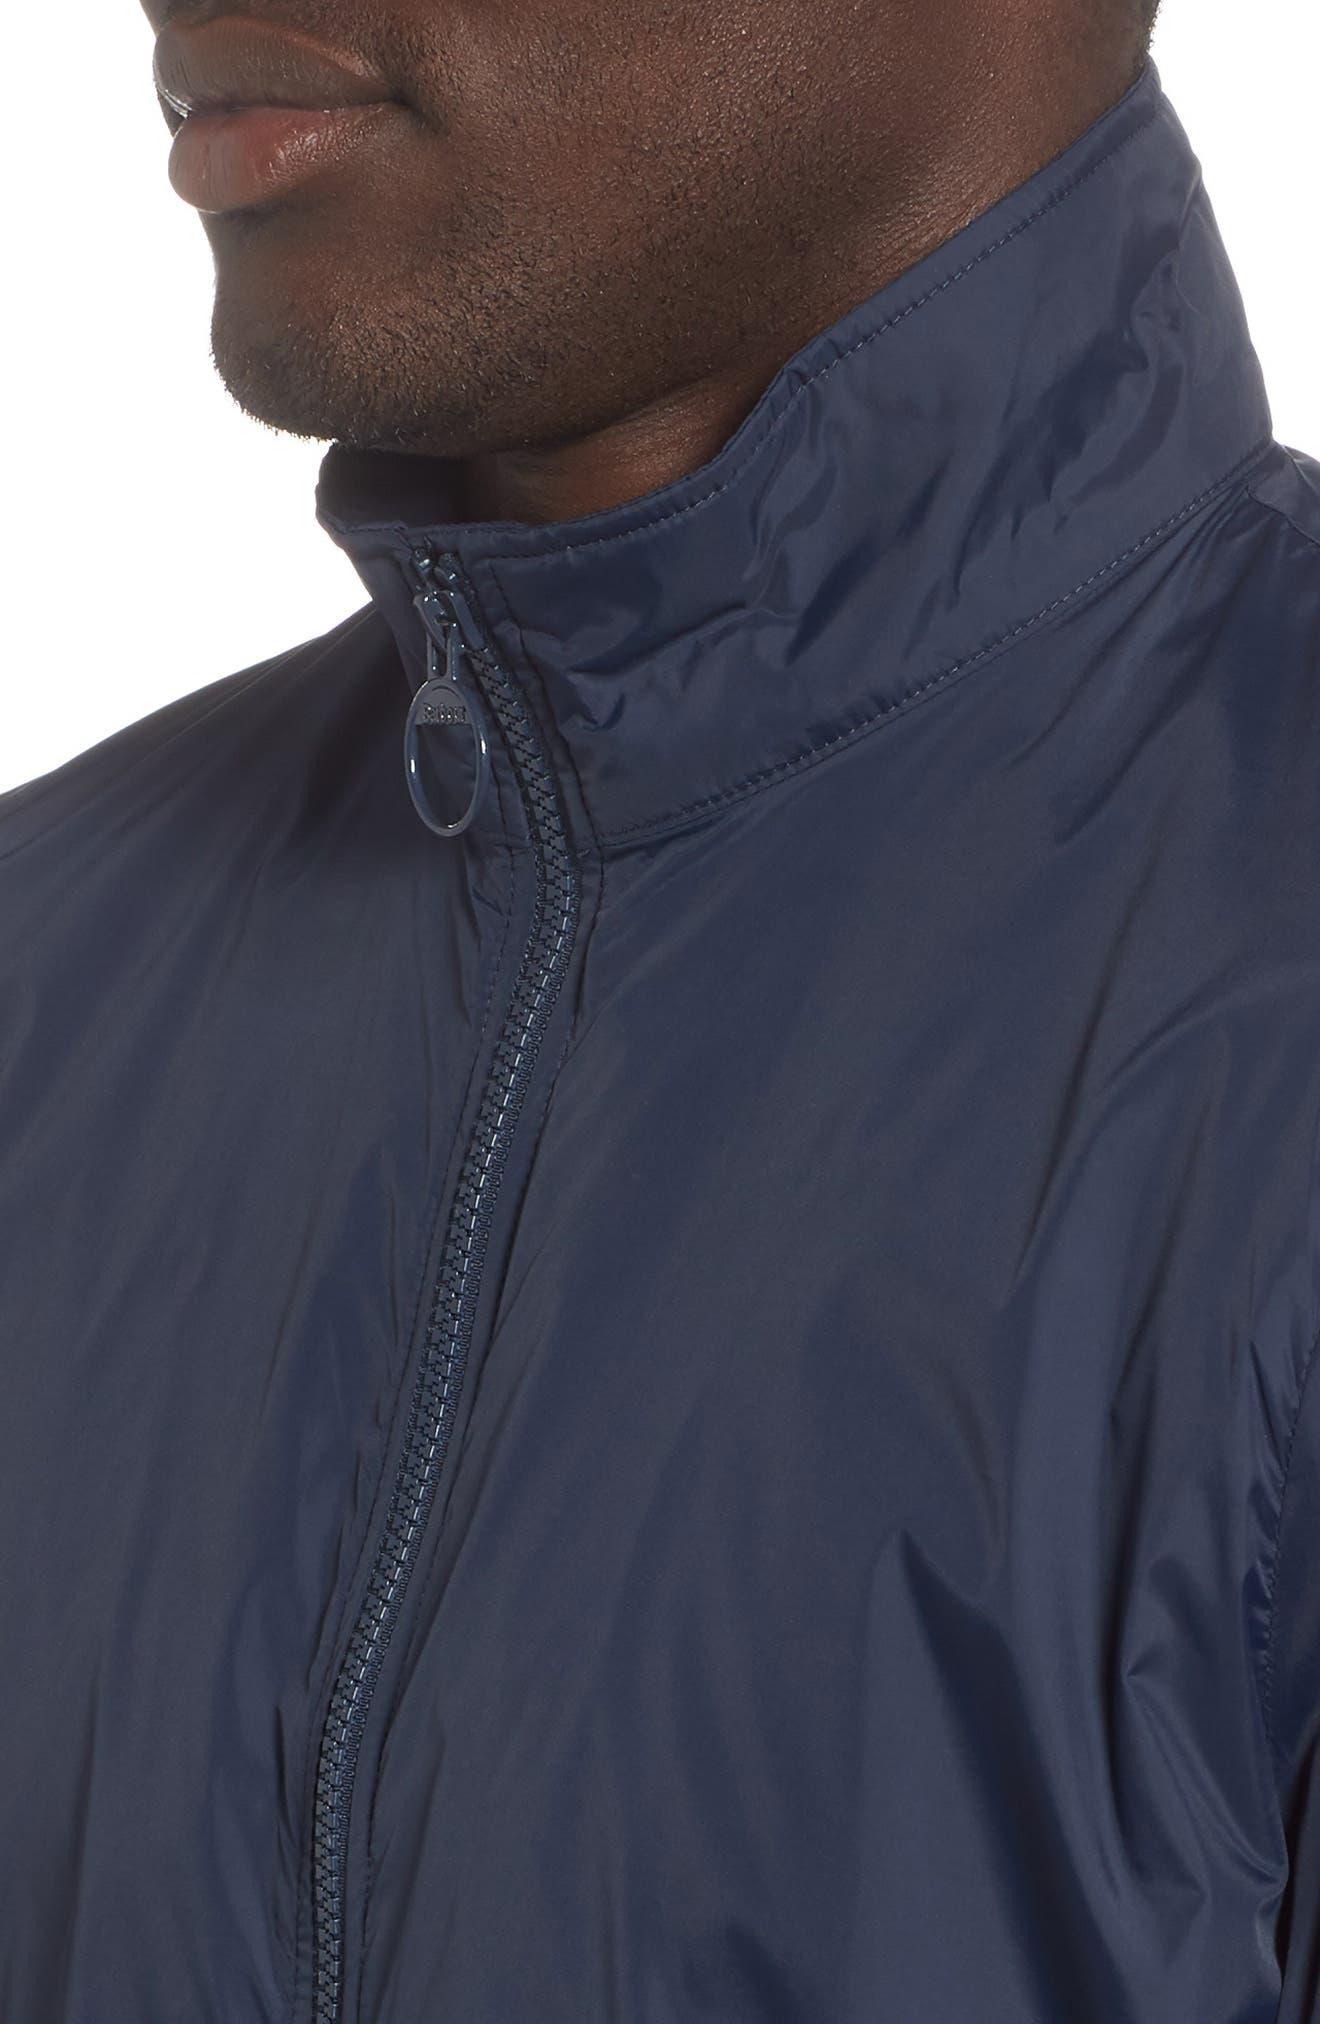 Bollen Jacket,                             Alternate thumbnail 3, color,                             Navy